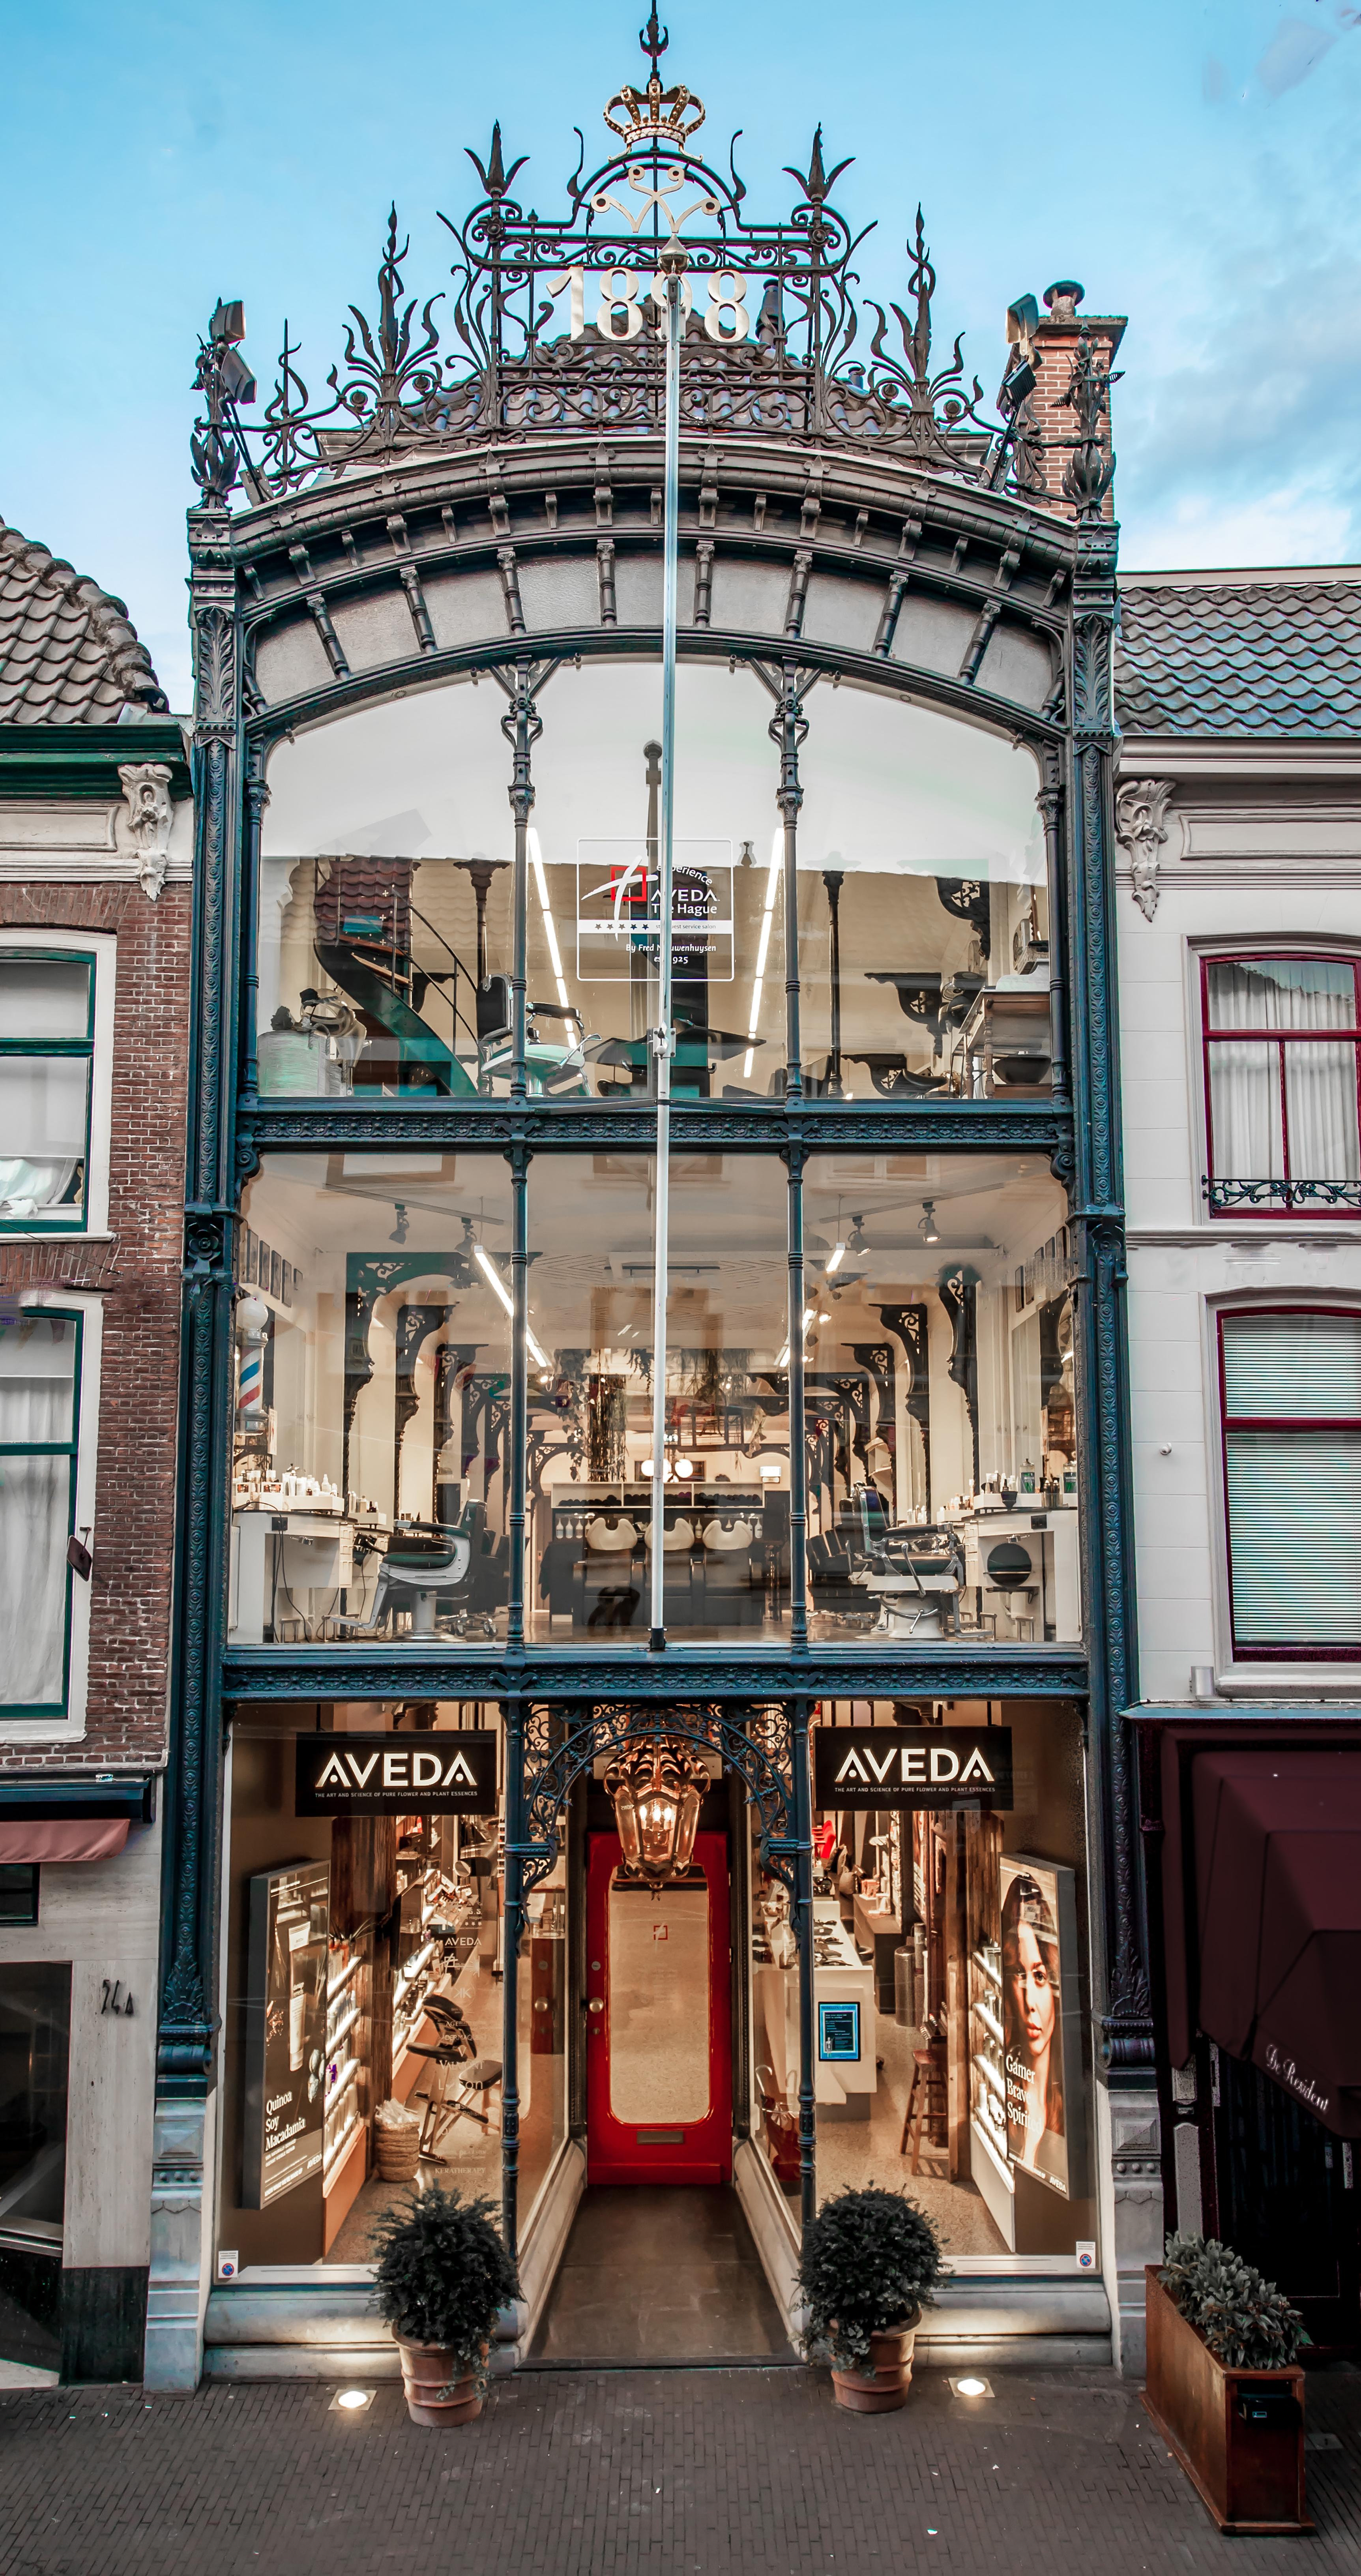 Aveda The Hague